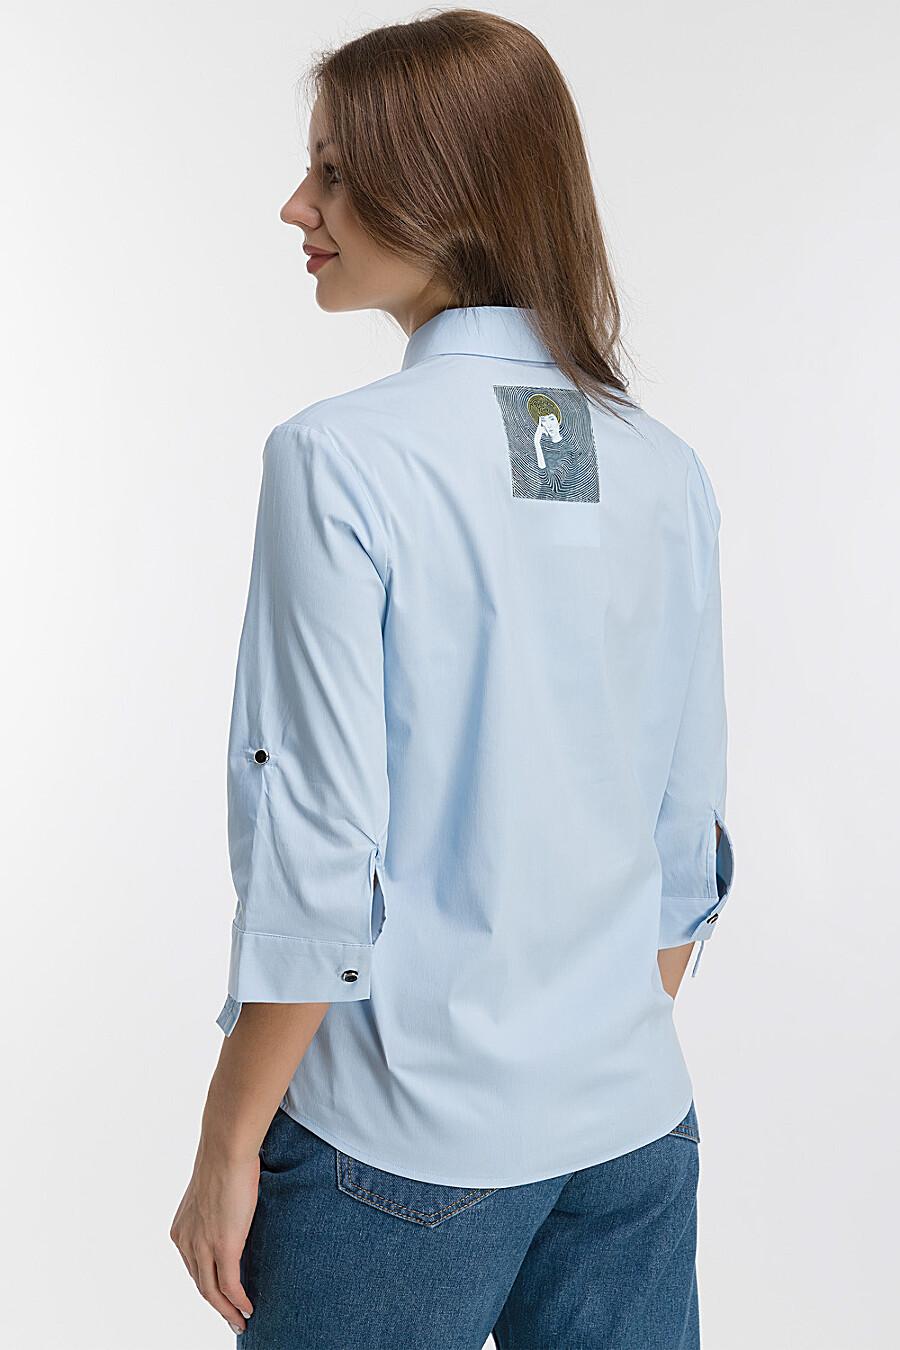 Рубашка для женщин MODALIME 169456 купить оптом от производителя. Совместная покупка женской одежды в OptMoyo